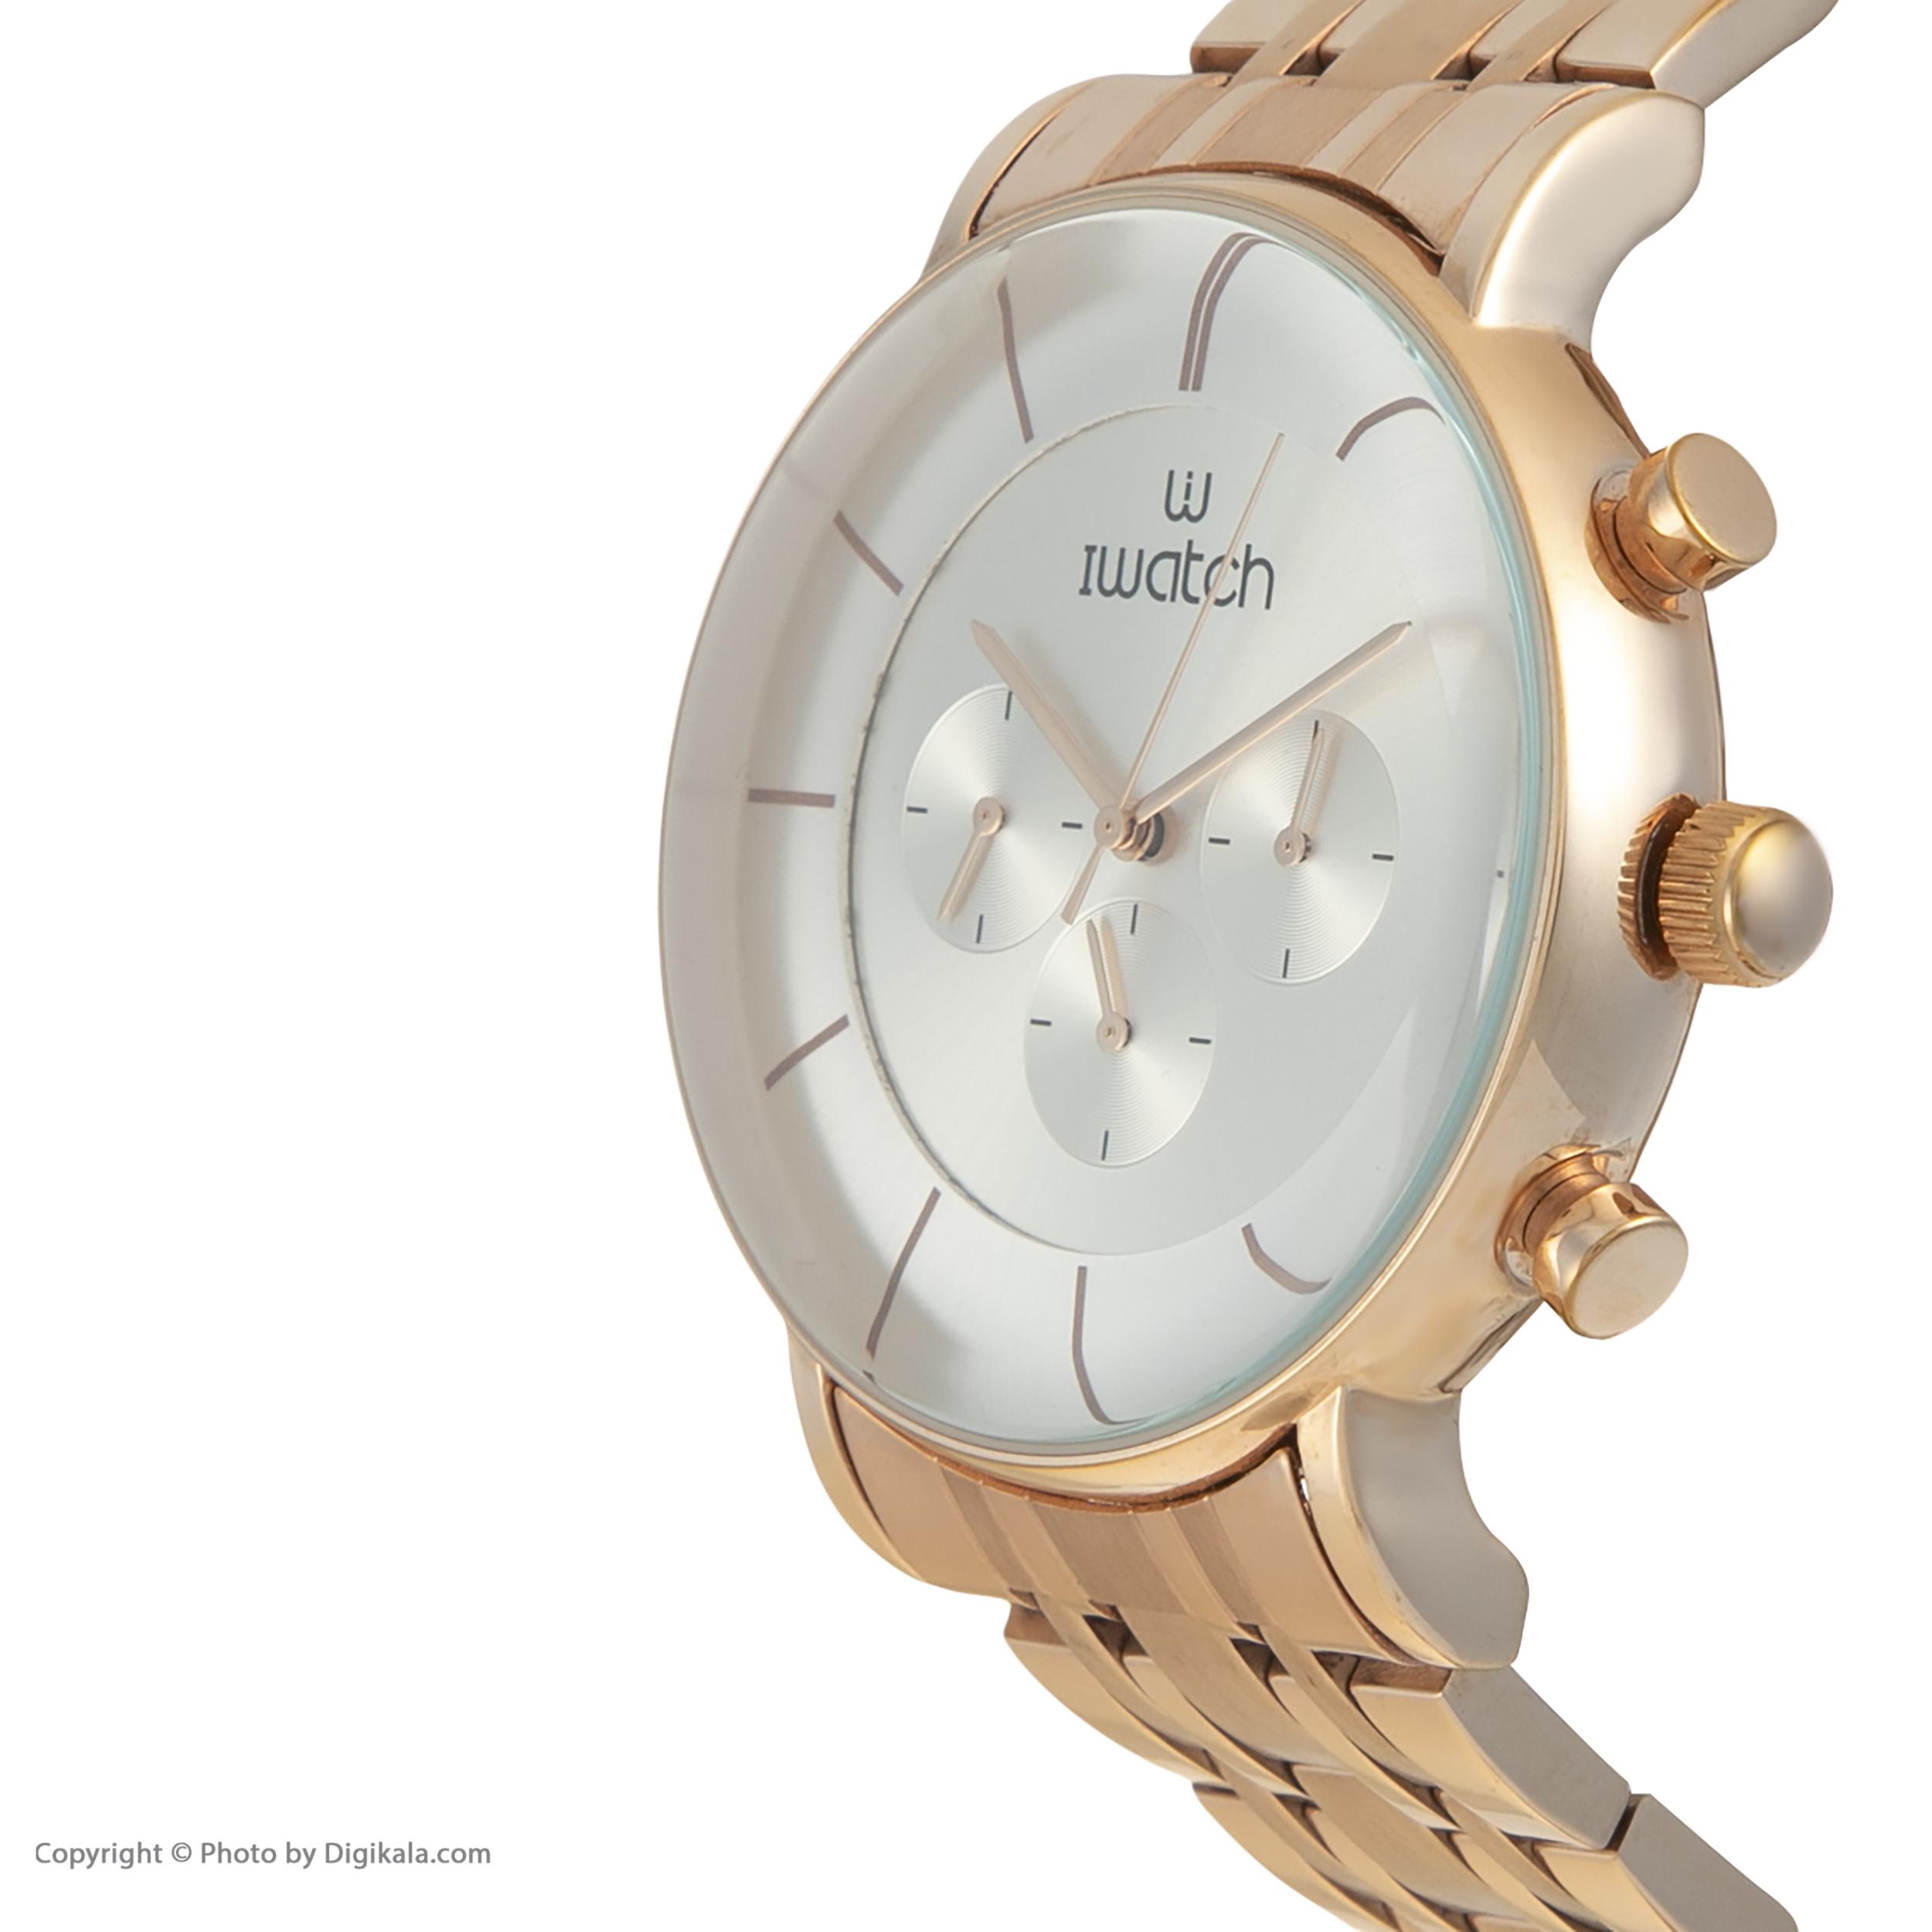 ساعت مچی عقربه ای آی واتچ مدل IW190010